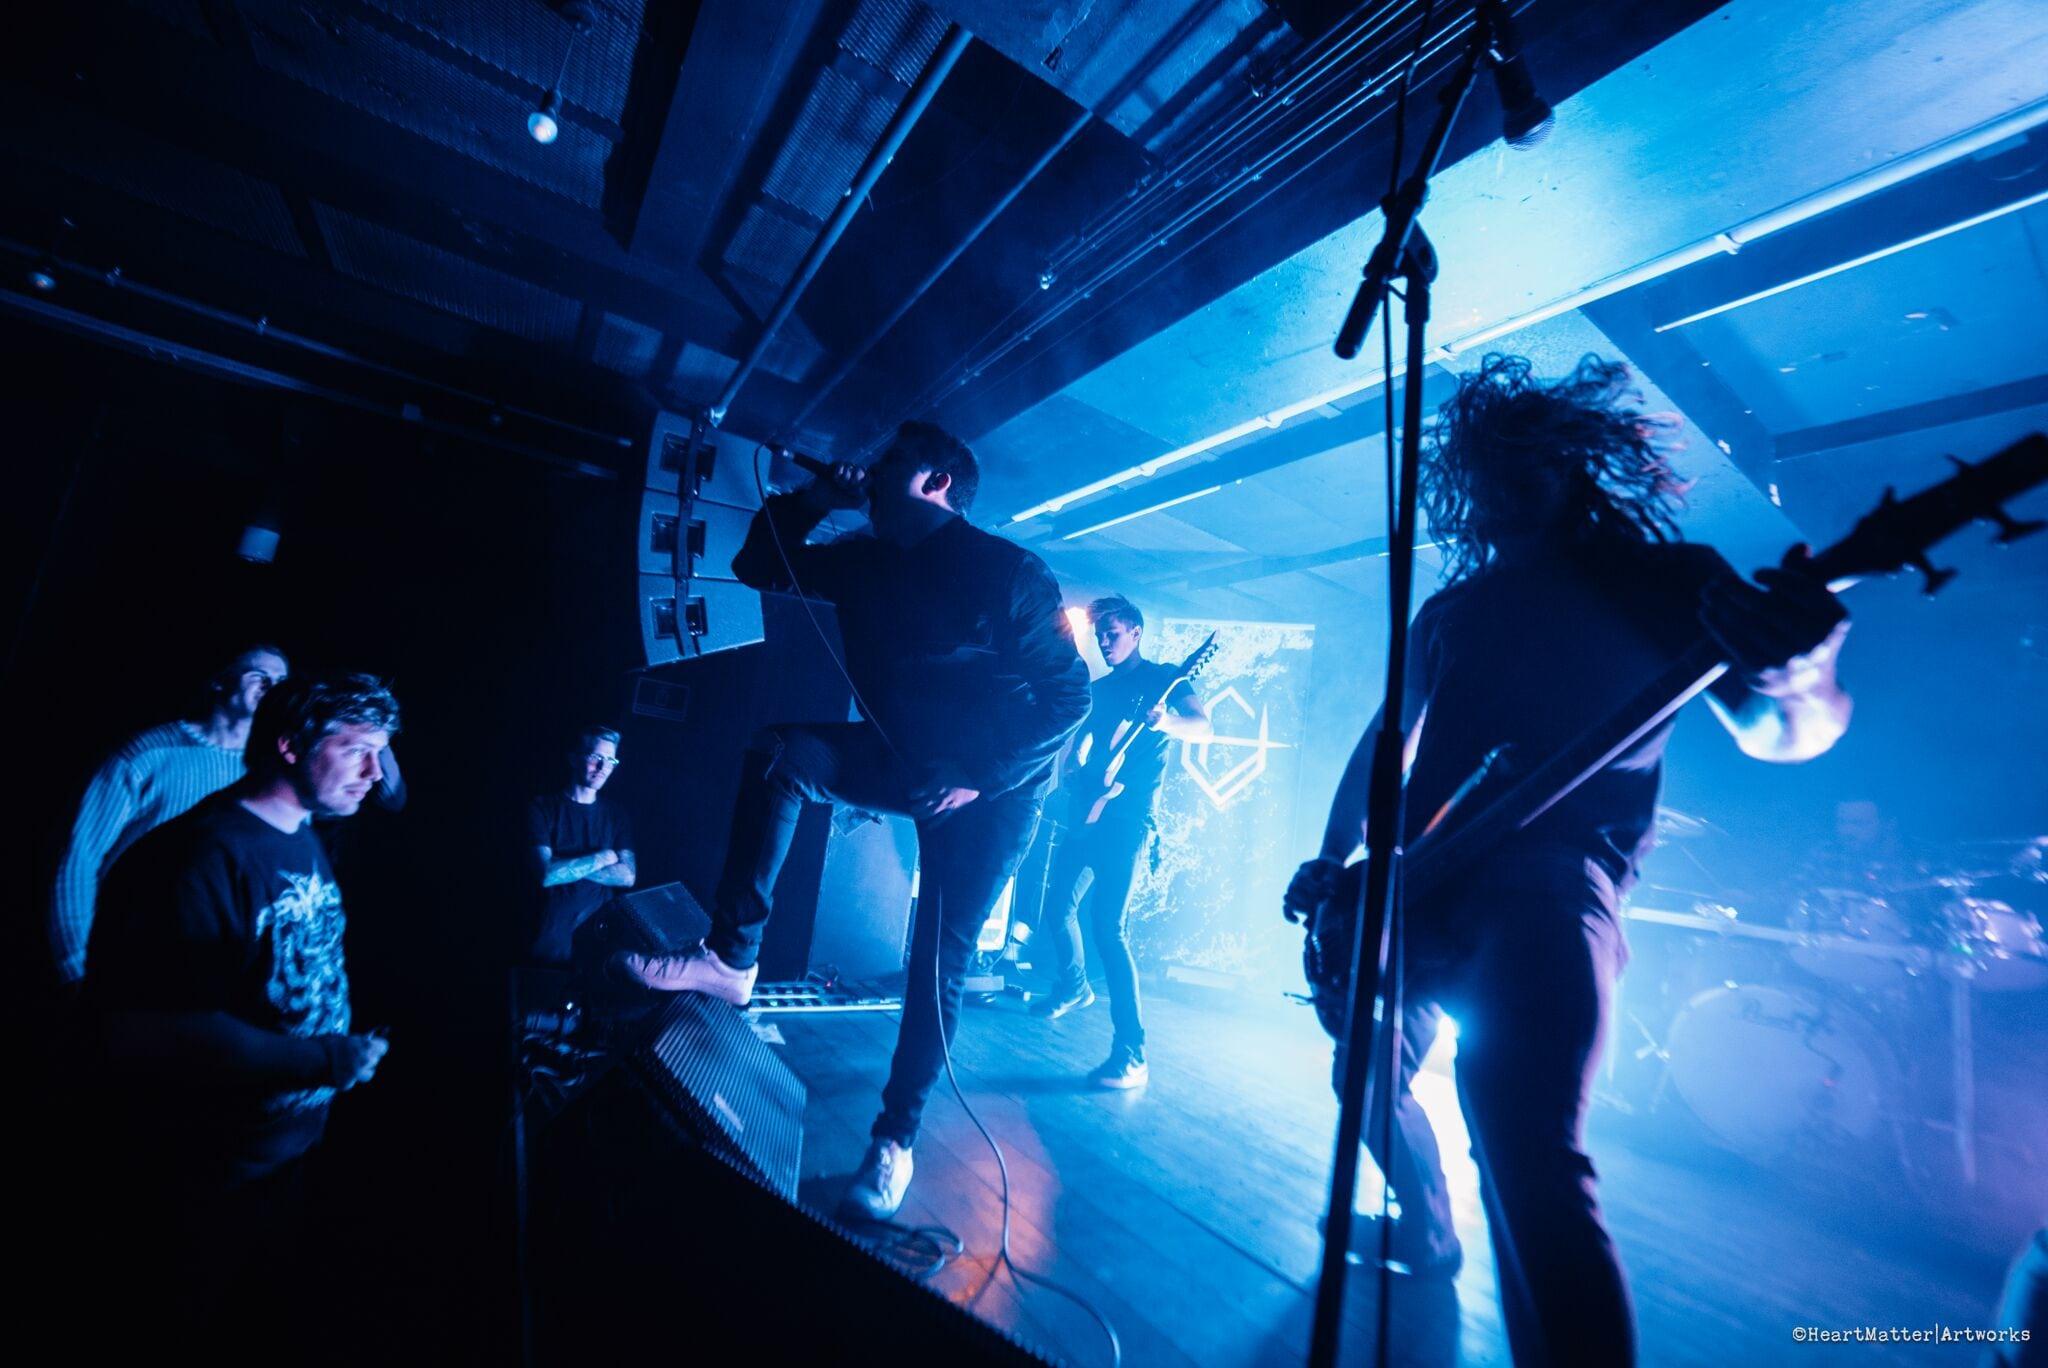 Kollektivets showcase-monster indledte overbevisende i hjertet af Odense